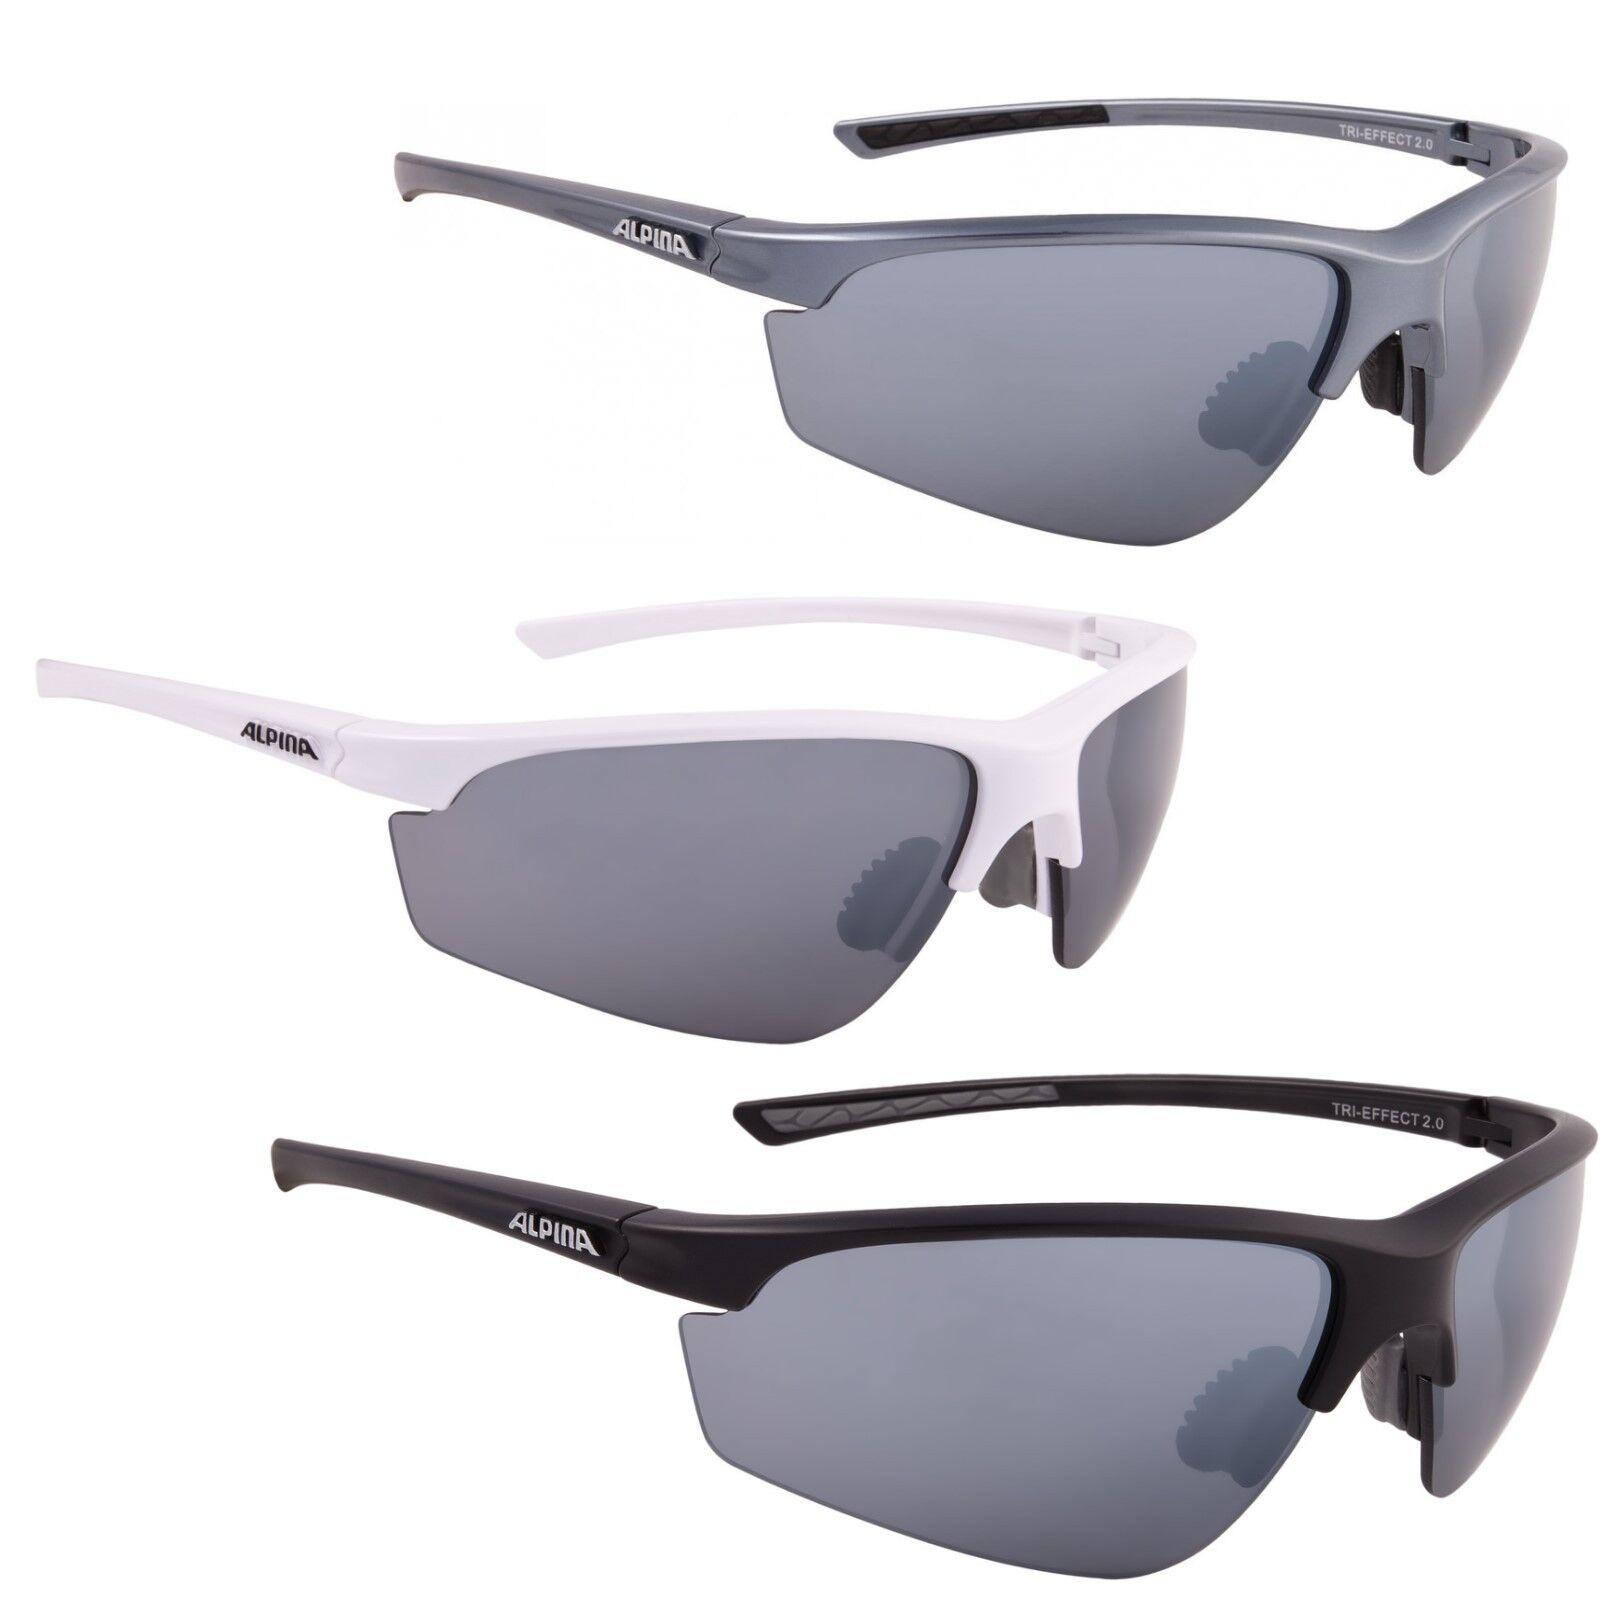 Radbrillen Alpina Fahrradbrille Sportbrille Sonnenbrille Brille TRI-EFFECT 2.0 white